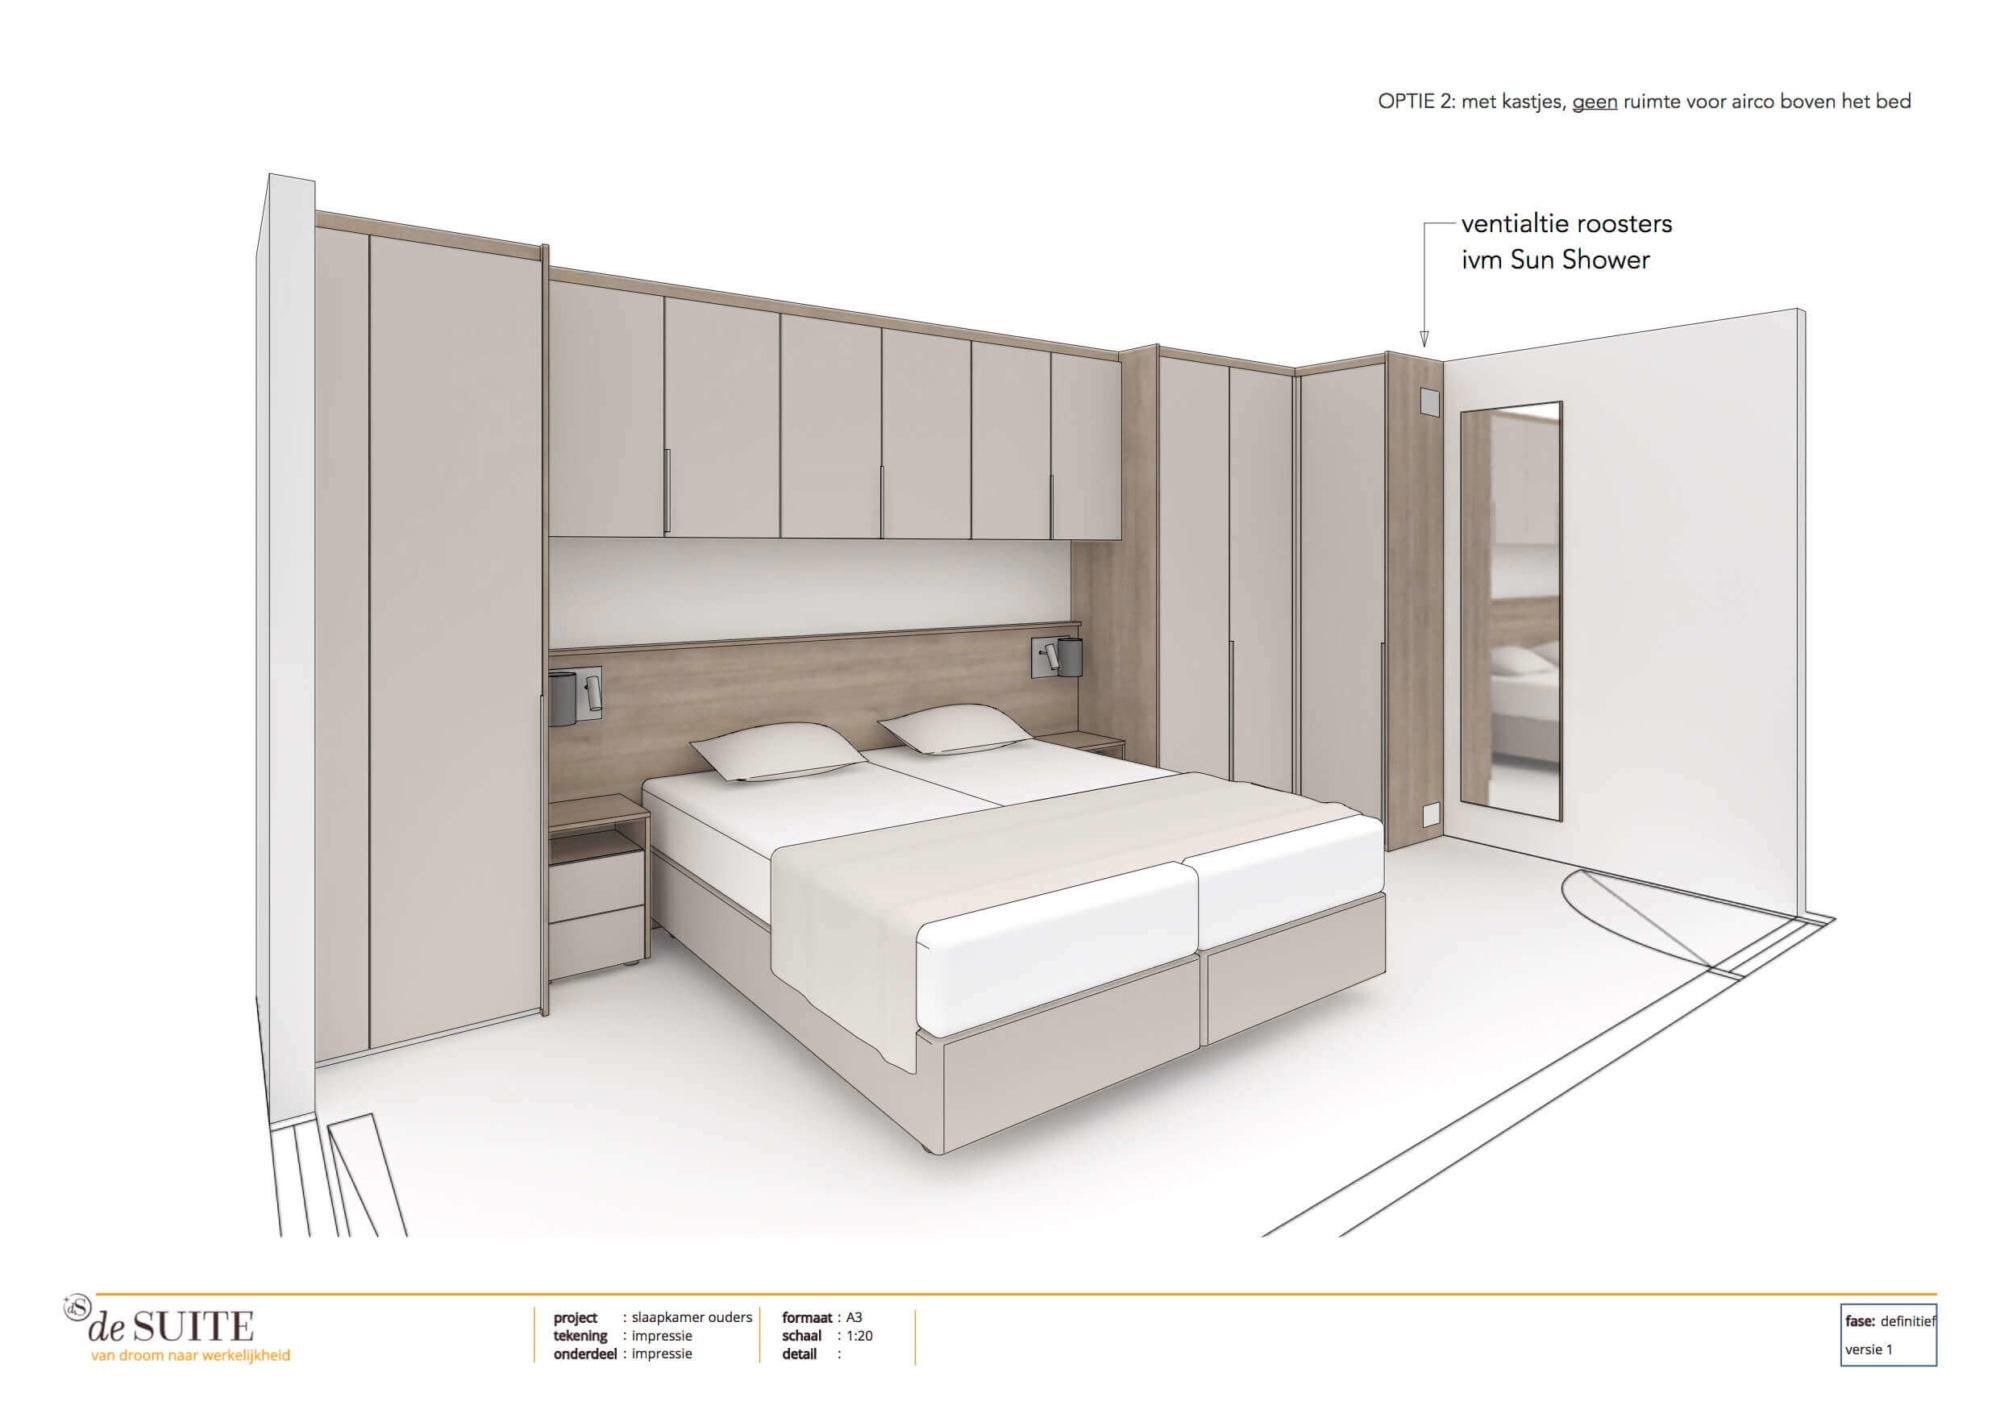 Tekening bedombouw met kastruimte in kleine slaapkamer